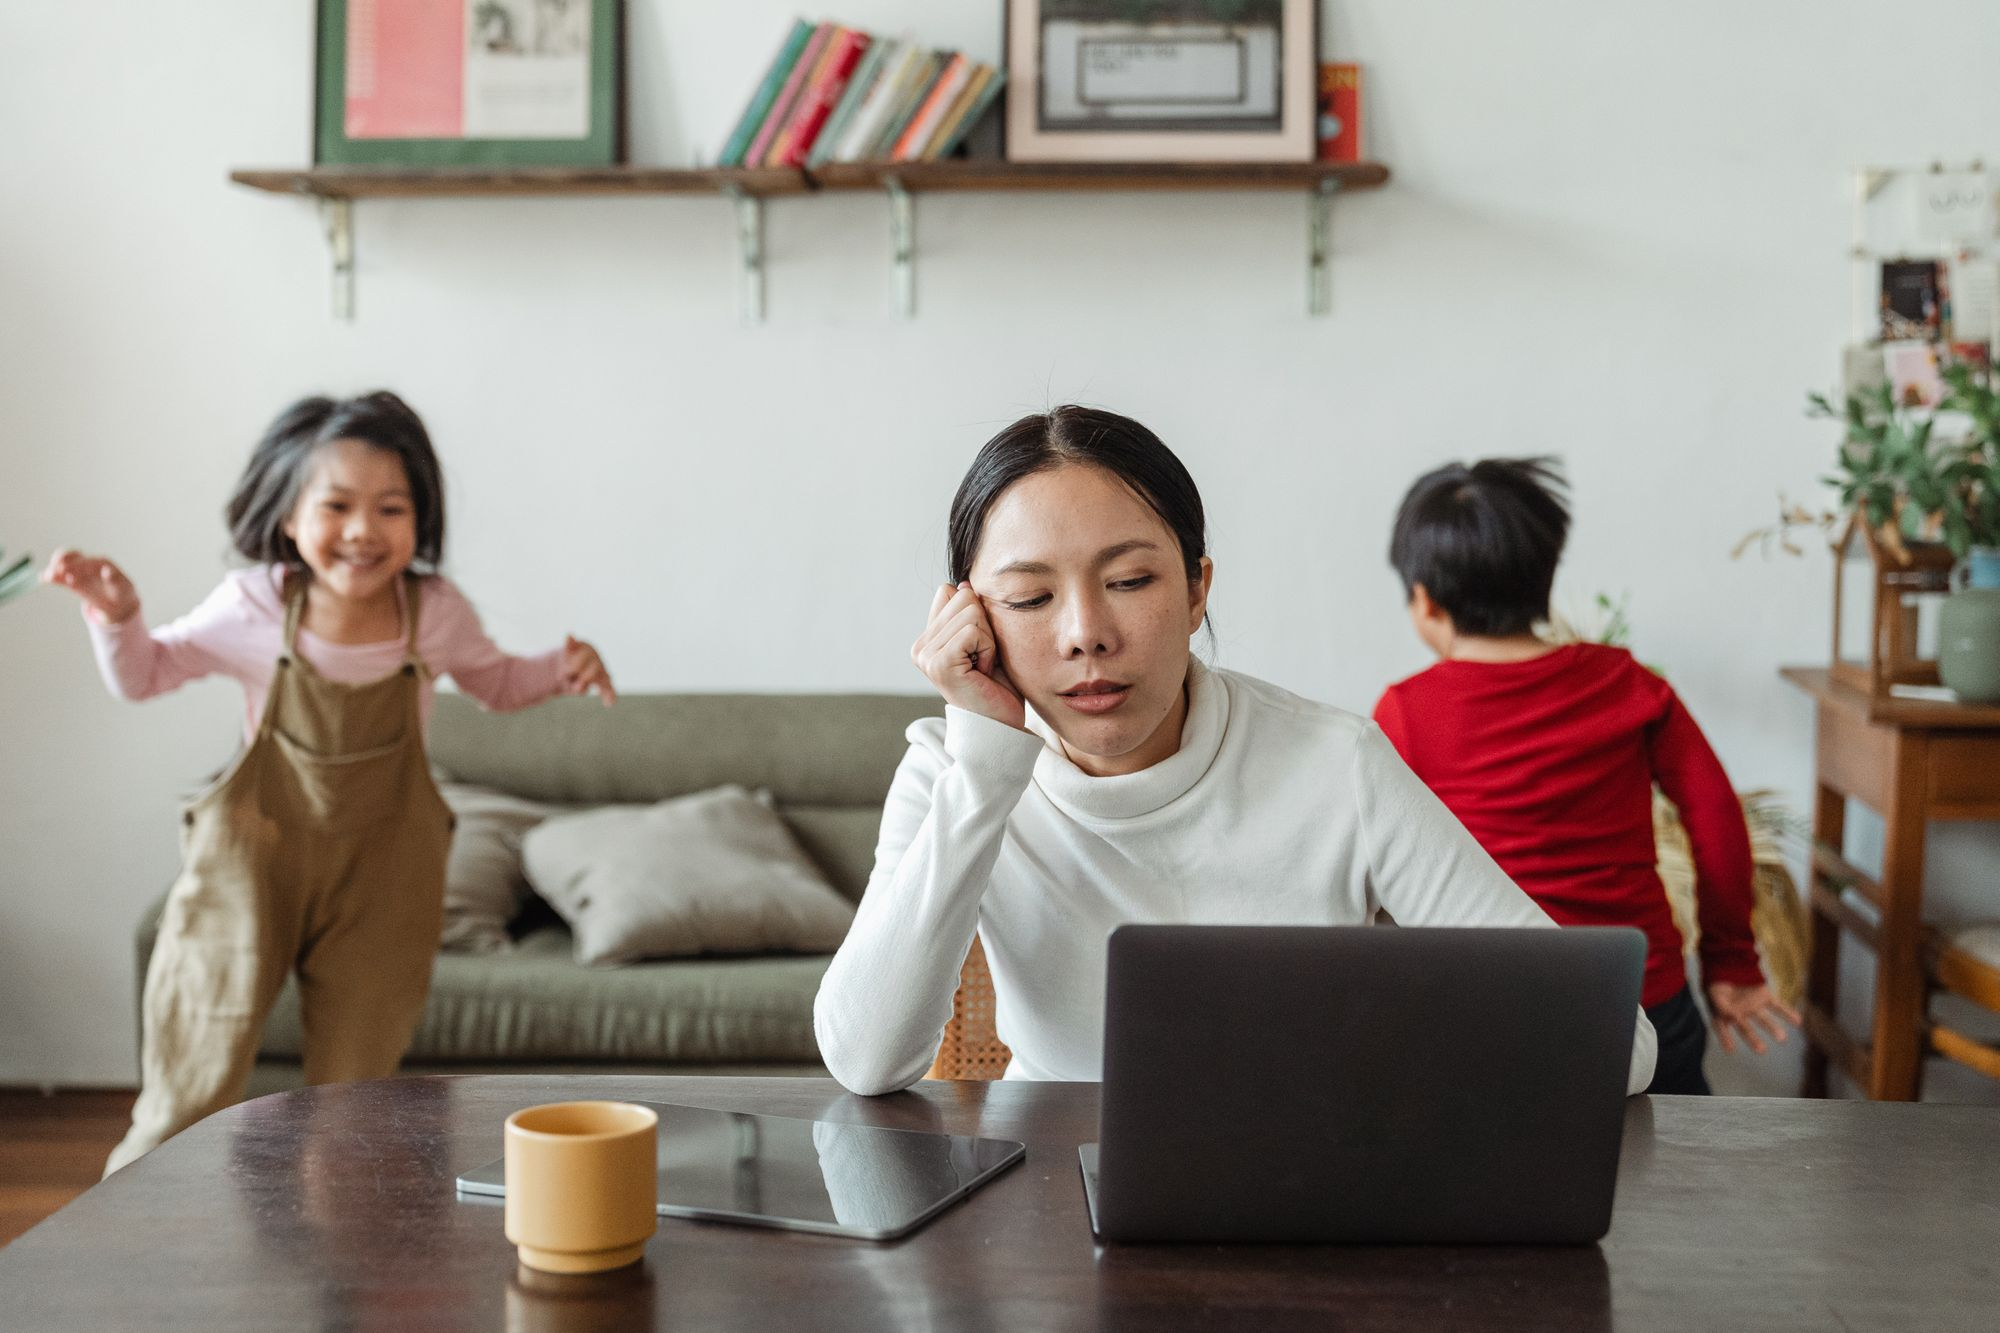 Praca zdalna w obsłudze klienta – jak ją zorganizować?